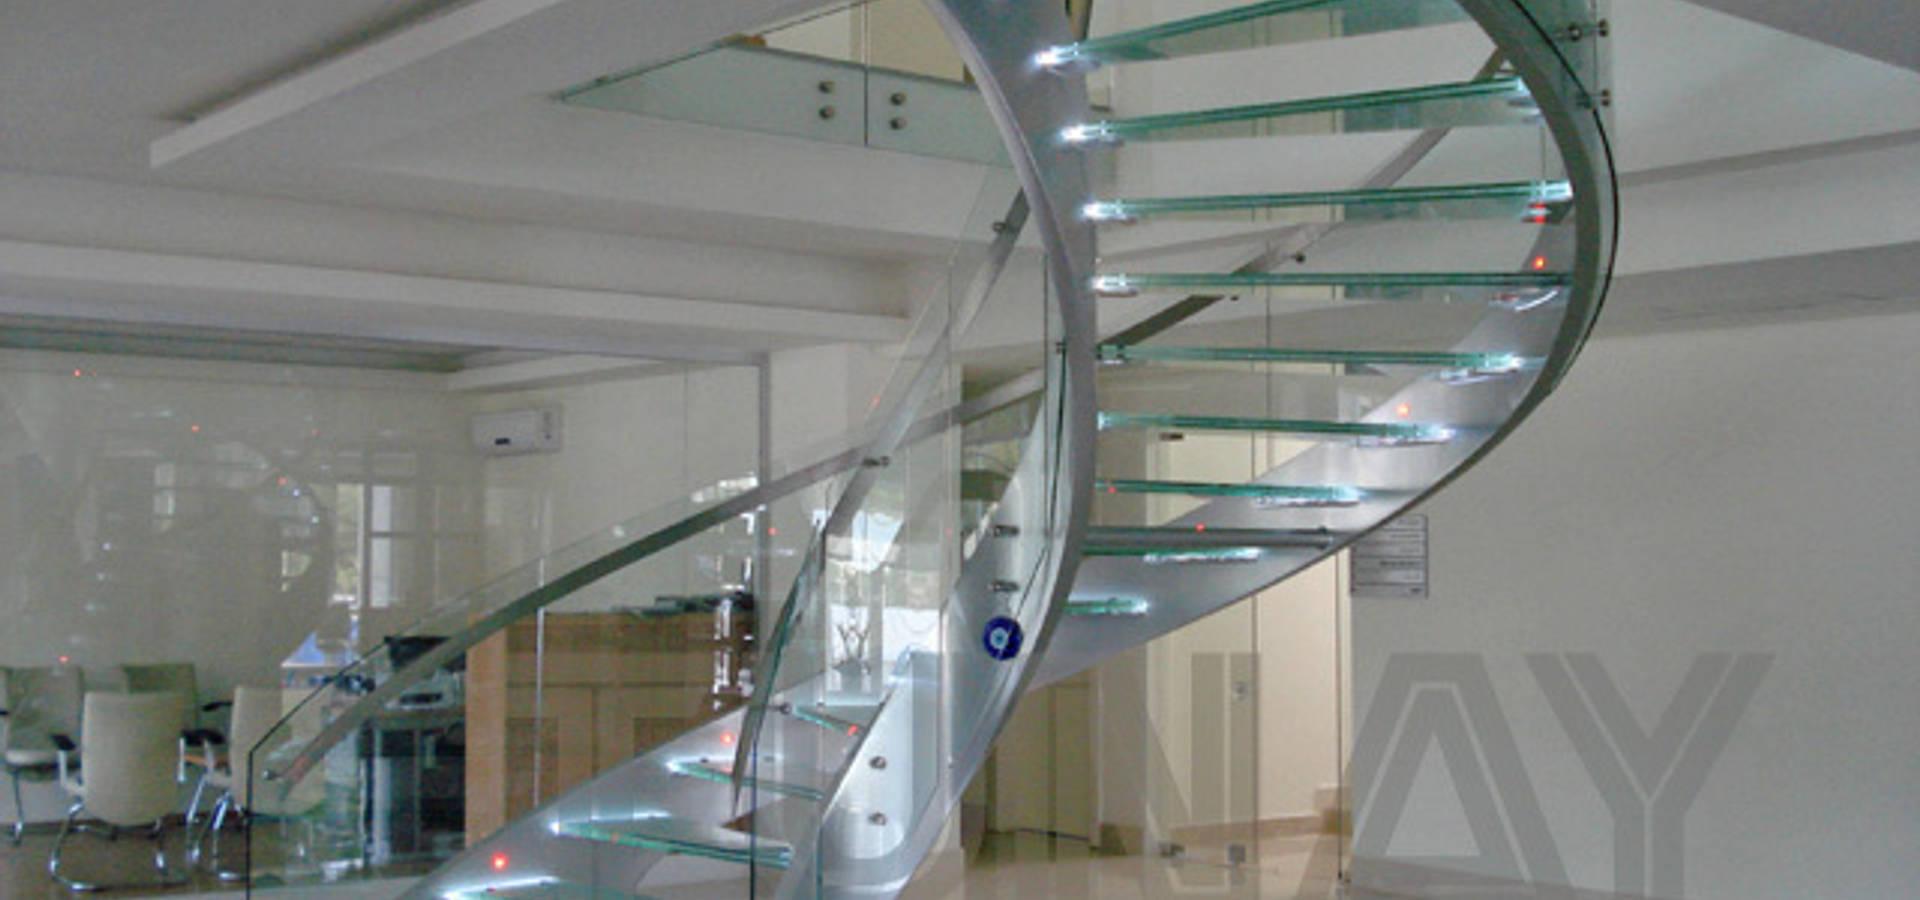 tunay merdiven